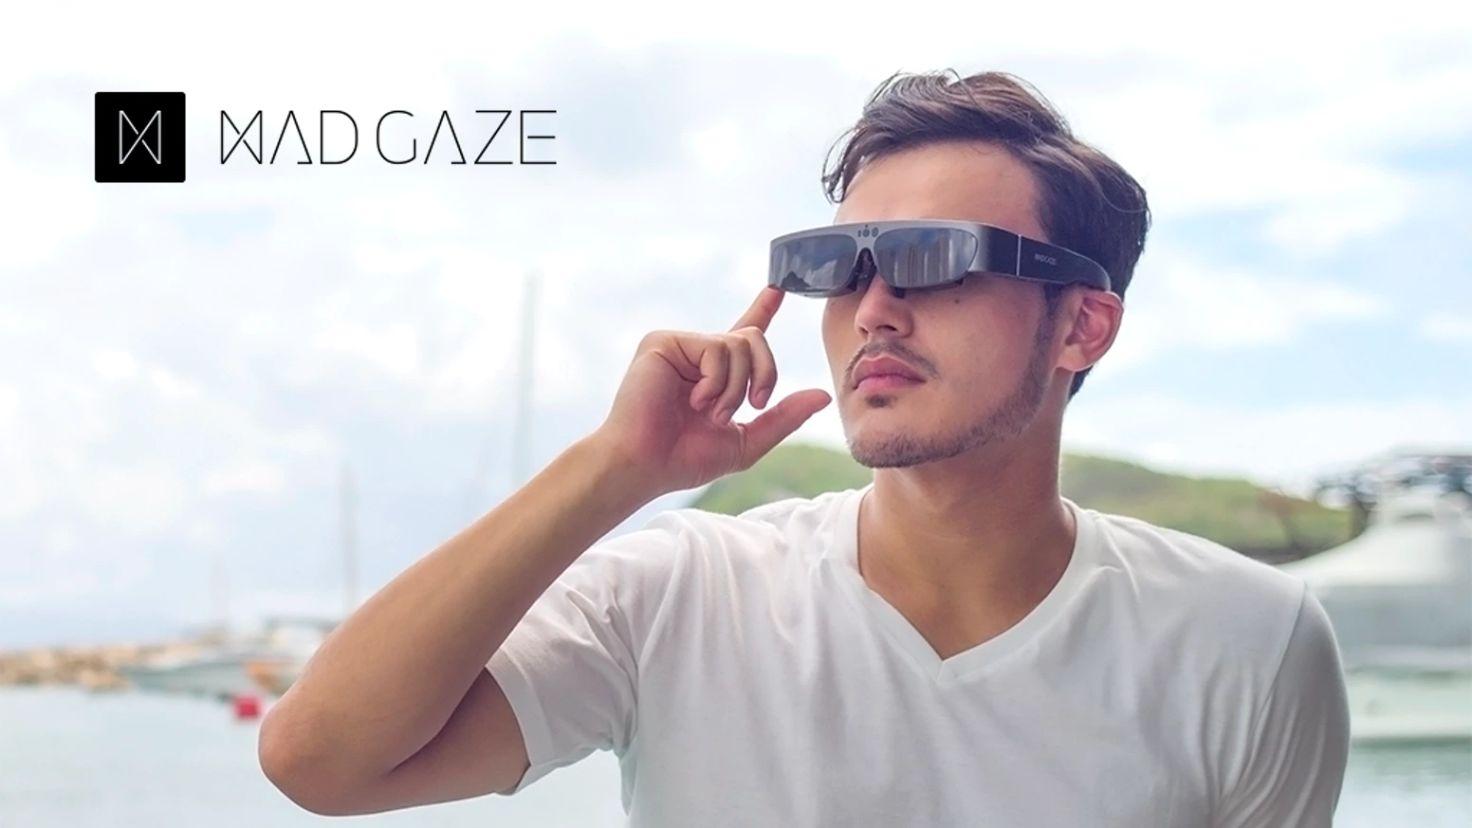 图|智能眼镜公司 MAD Gaze 在今年 CES 展出最新一代的产品,四月才会交货,目前已经接到了 1 万台的订单。(图片来源:MAD Gaze)